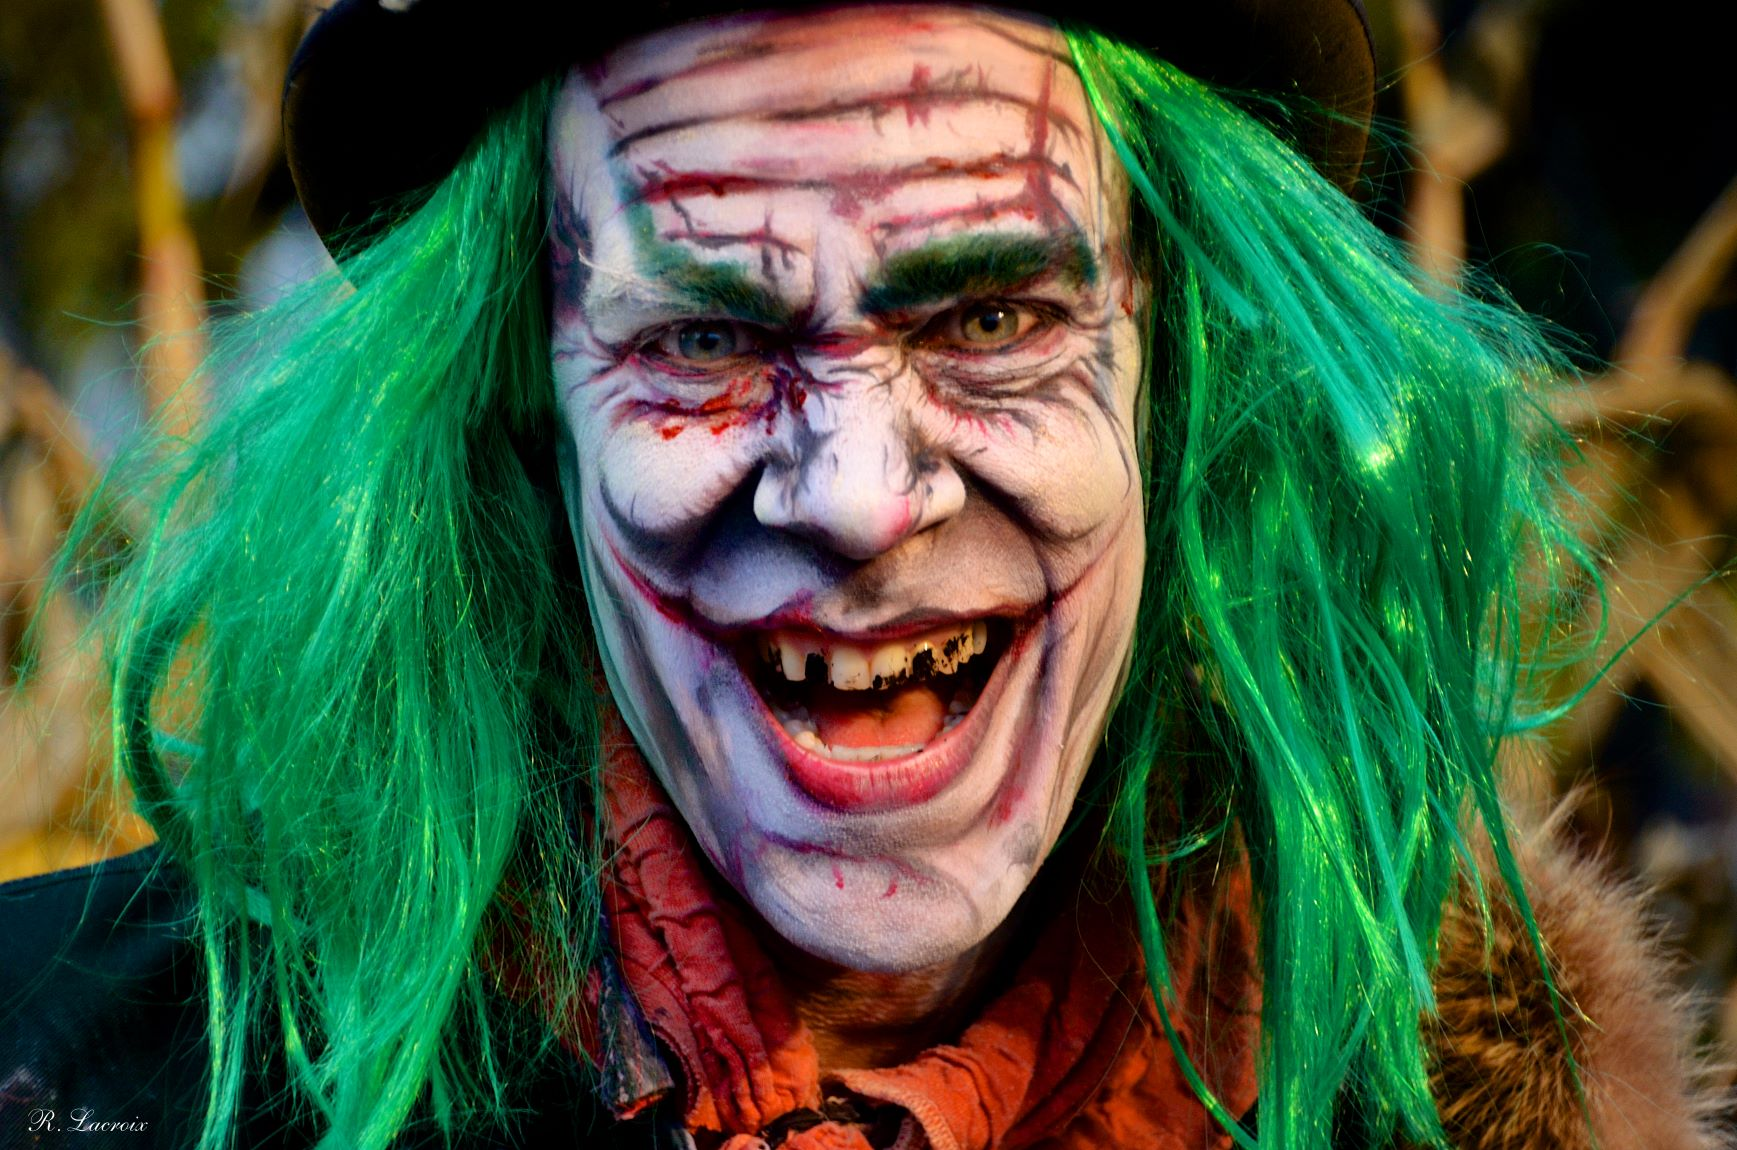 Clown aux cheveux verts